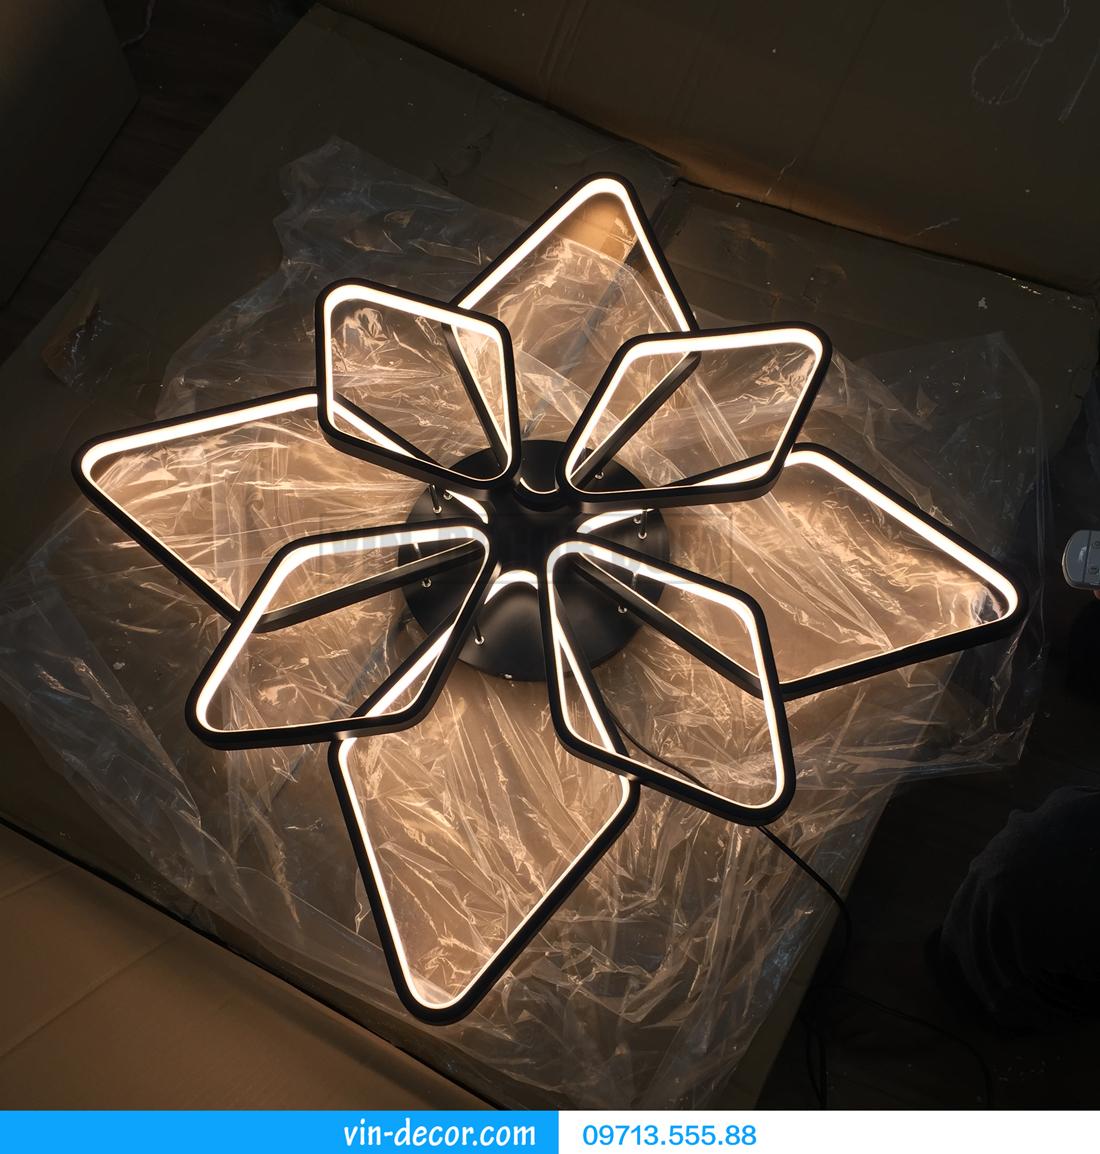 đèn led 8 vòng vuông ấn tượng 03